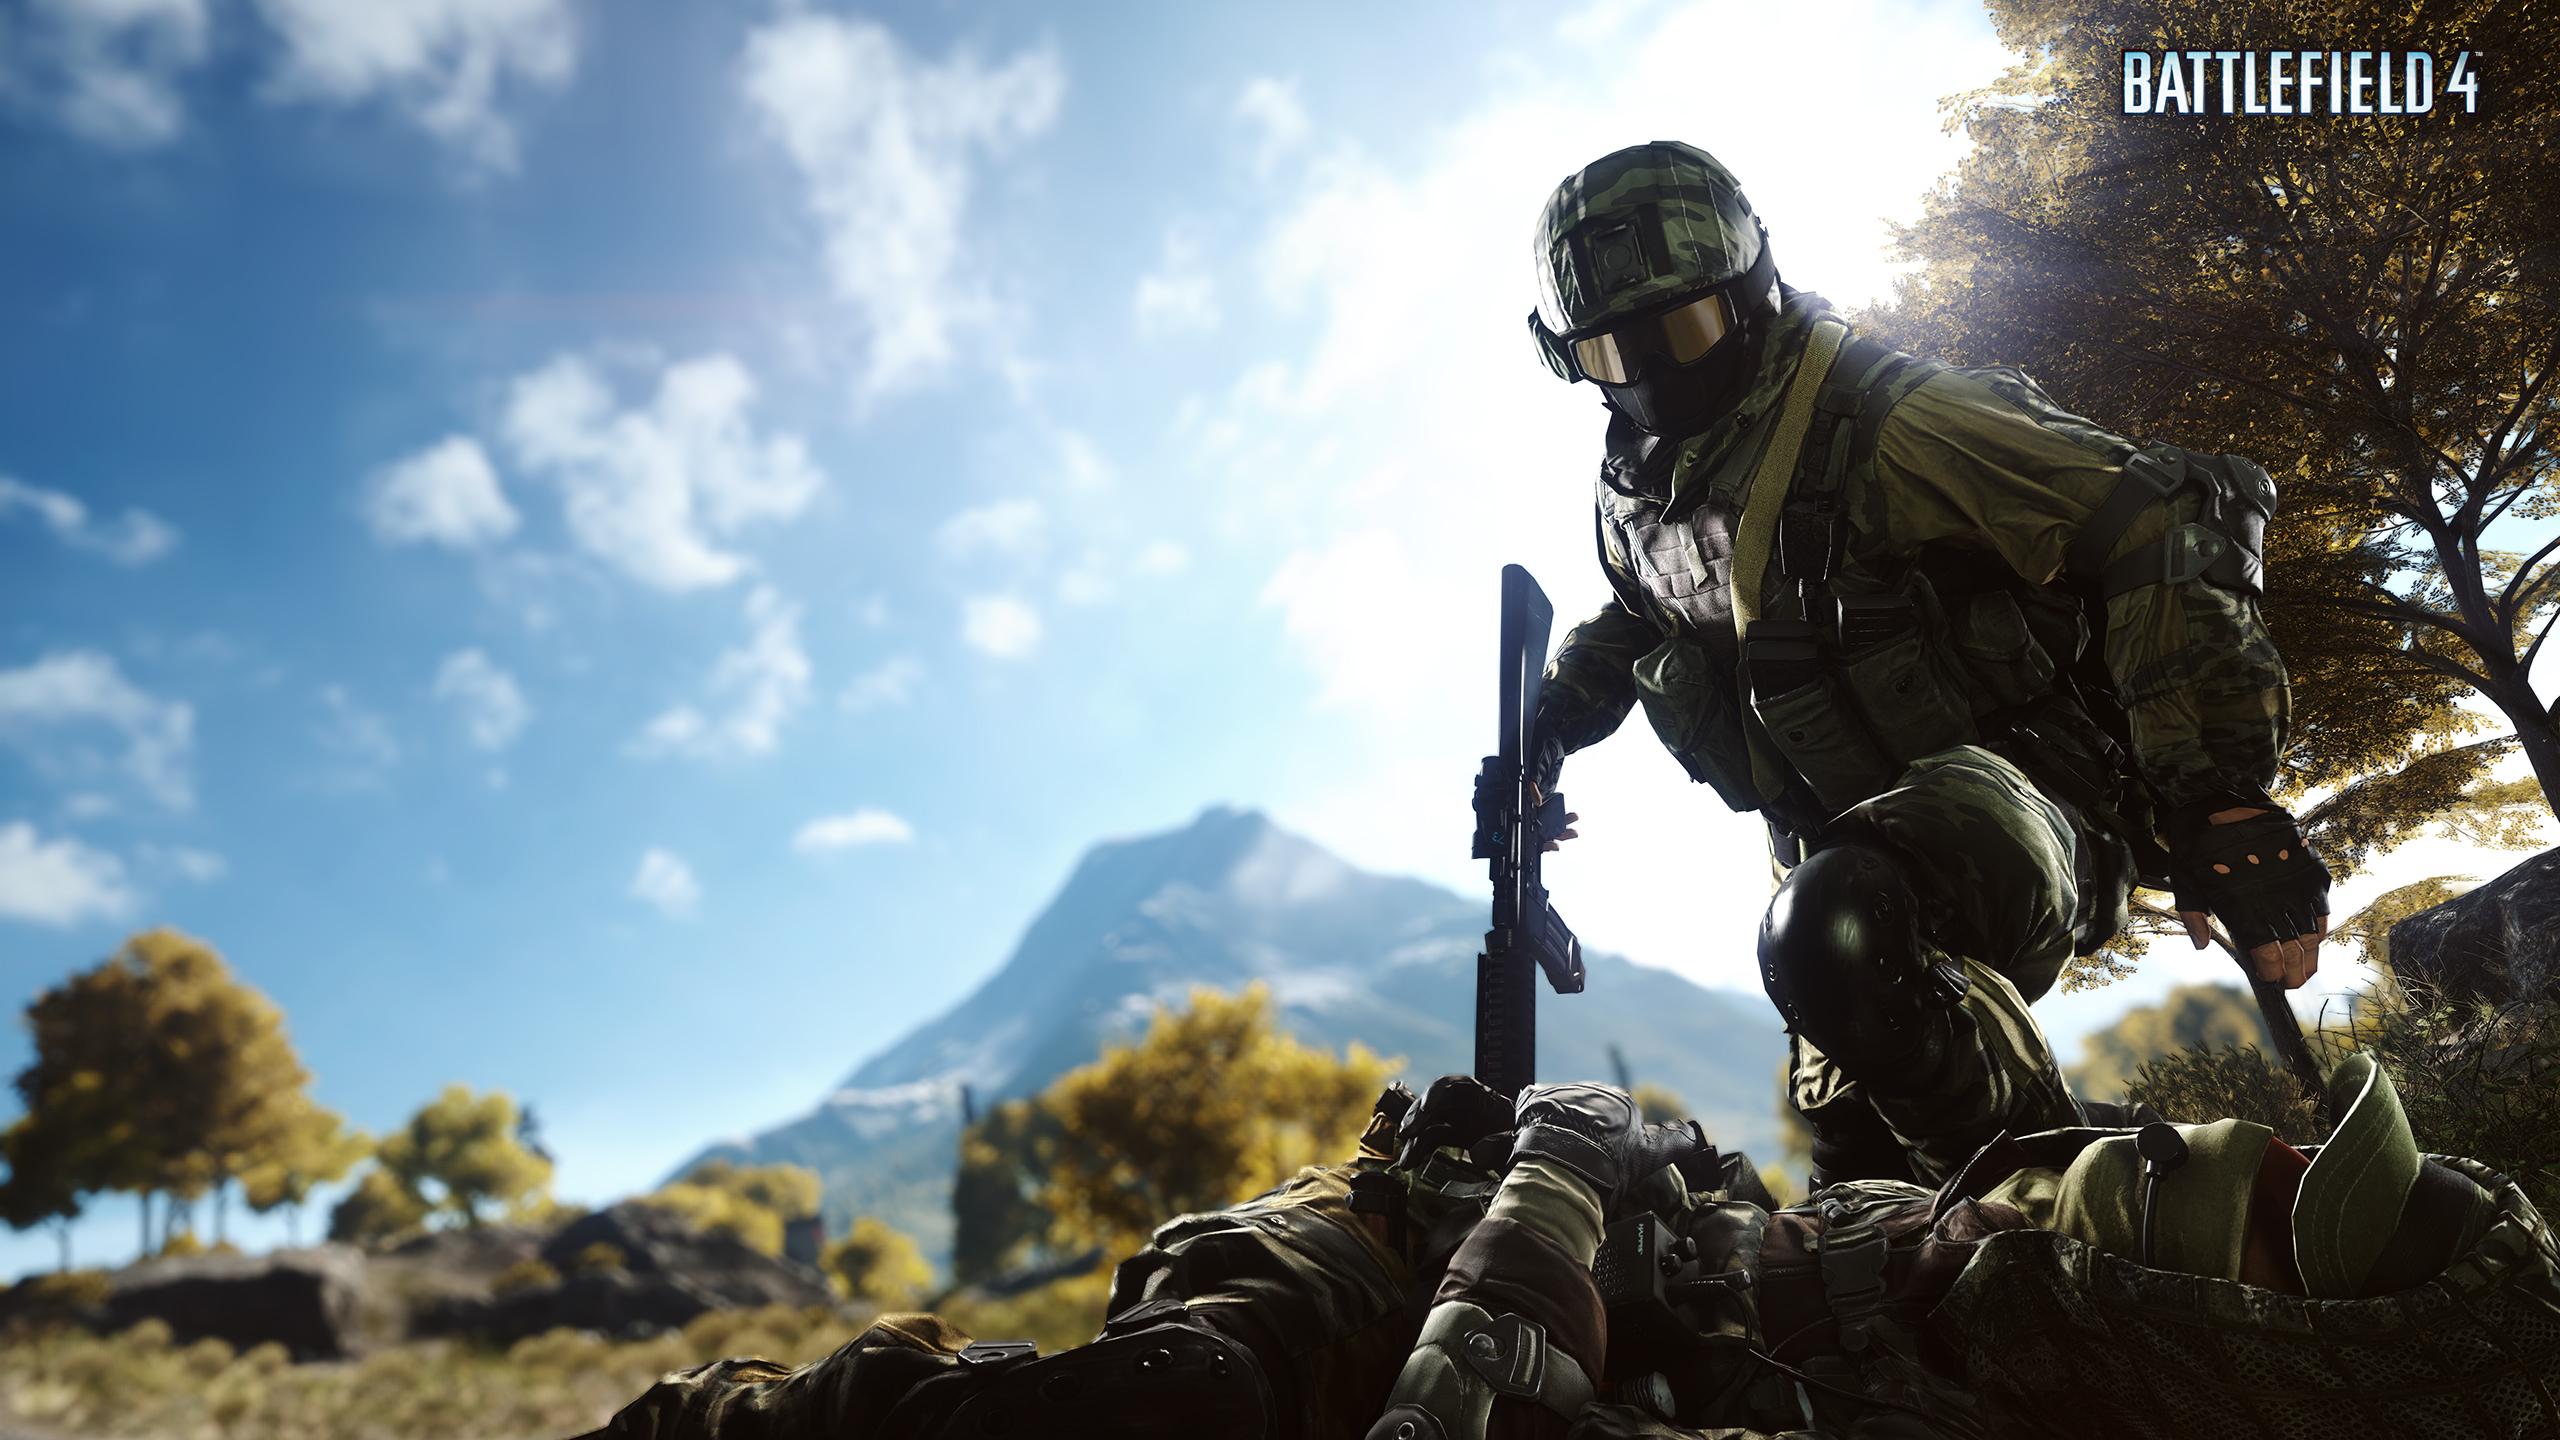 BF4 Class Week: The Assault - News - Battlelog / Battlefield 4